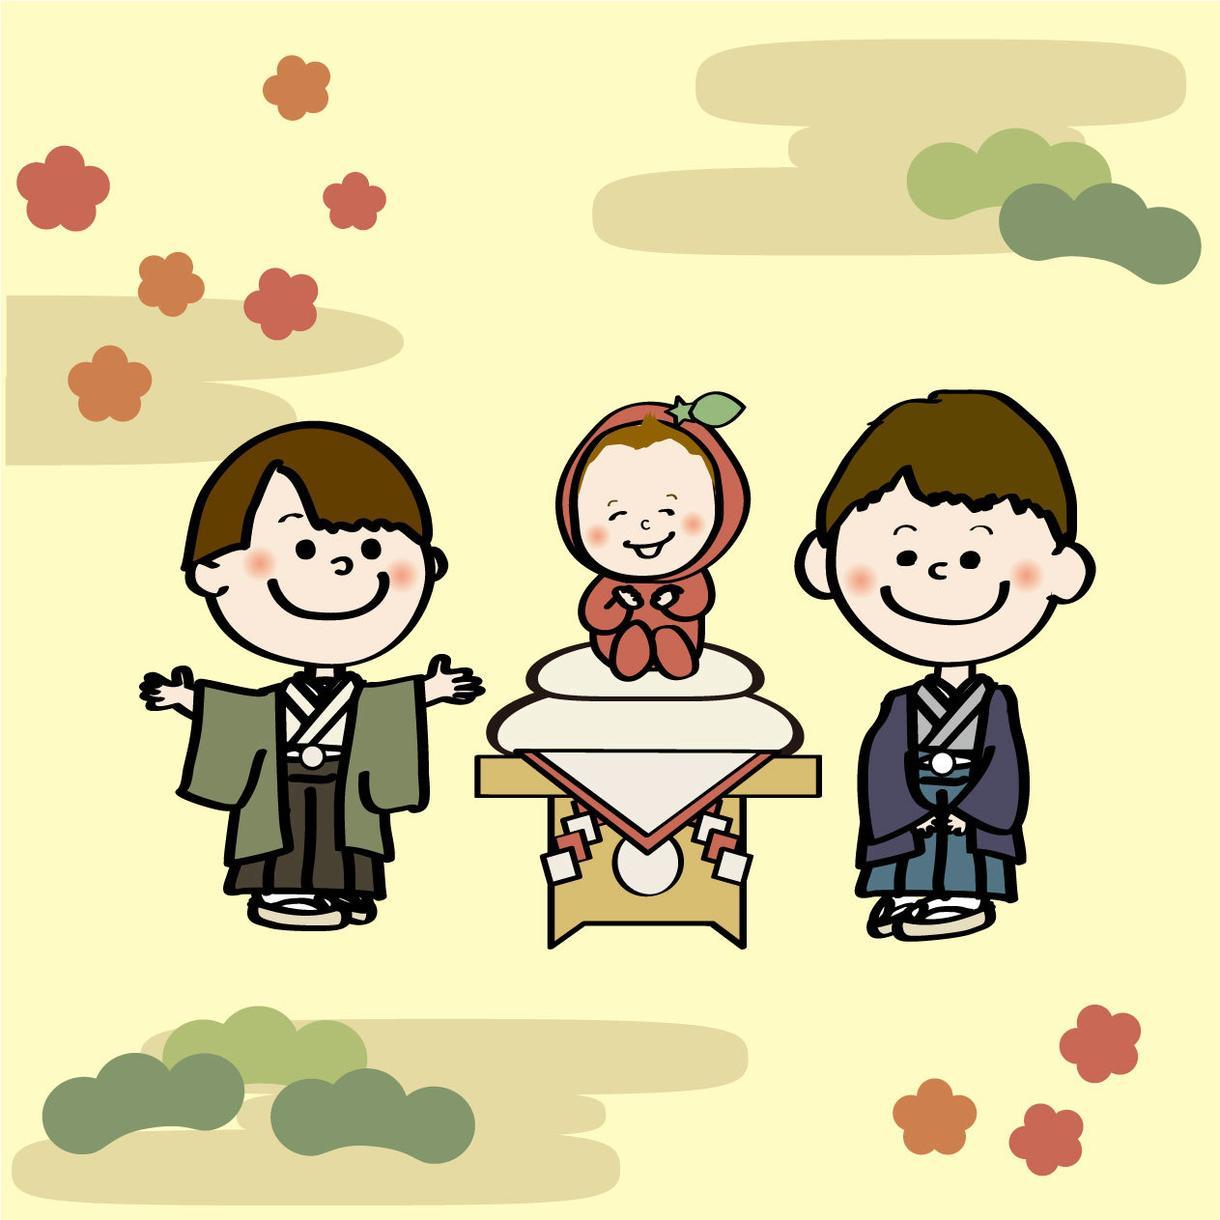 スヌーピー風家族(3名様〜)の似顔絵かきます 入学・卒業・家族の記念日に!贈り物にもいかがでしょうか?